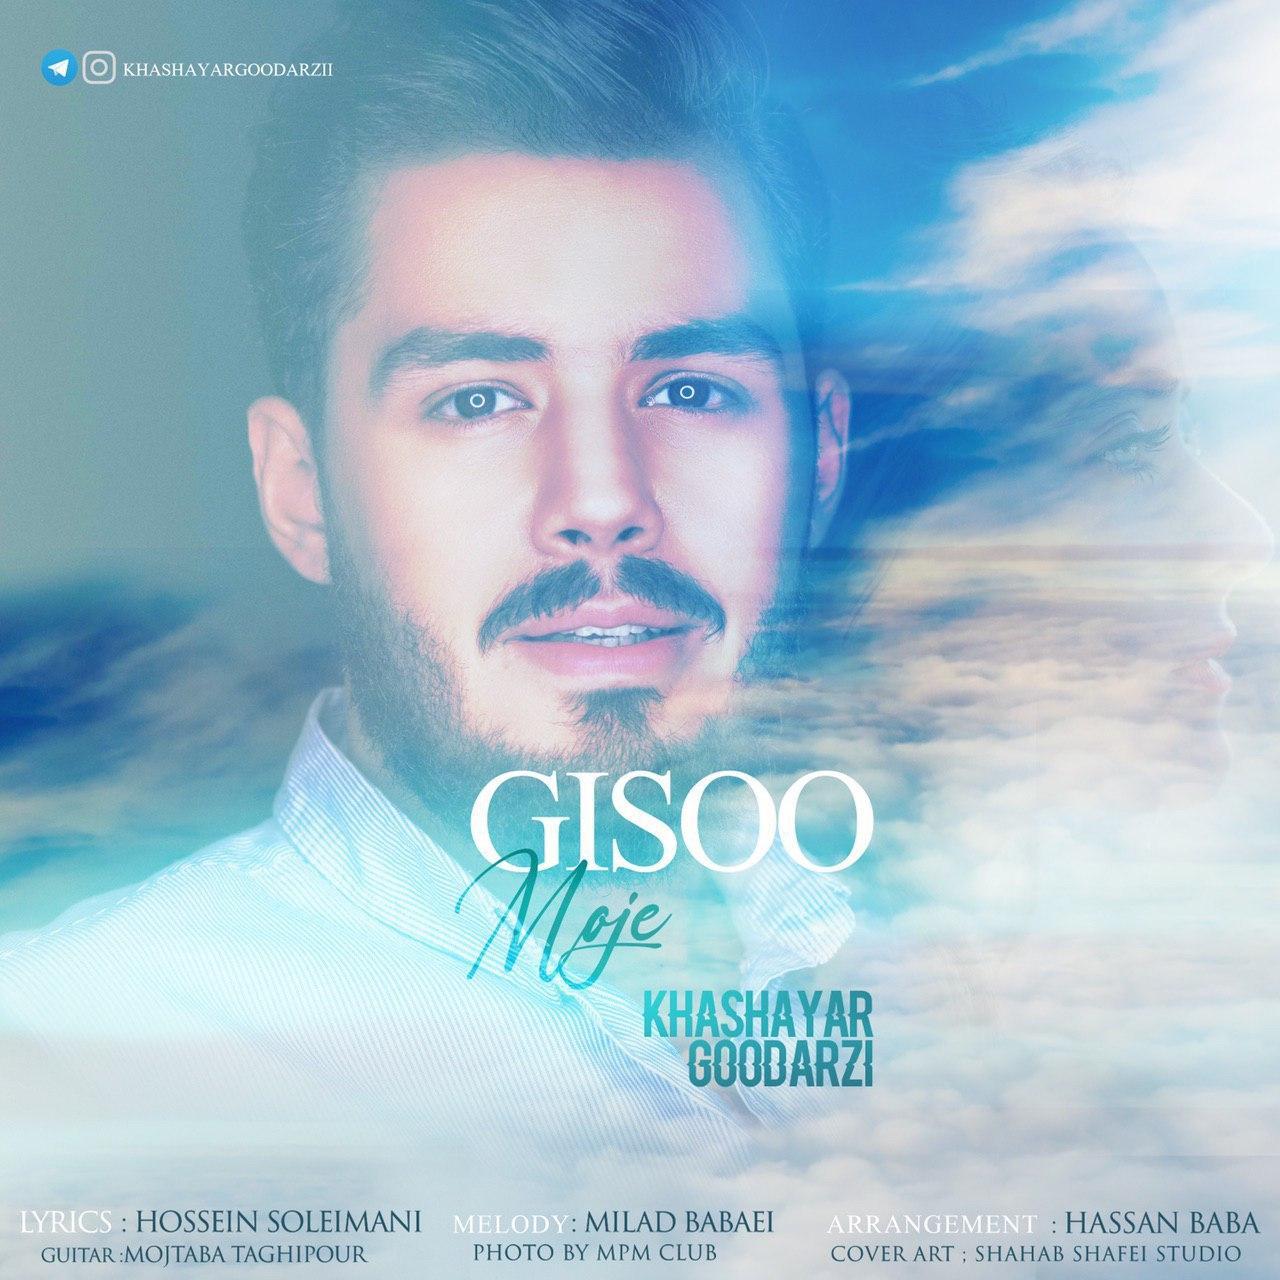 Khashayar Goodarzi – Gisoo